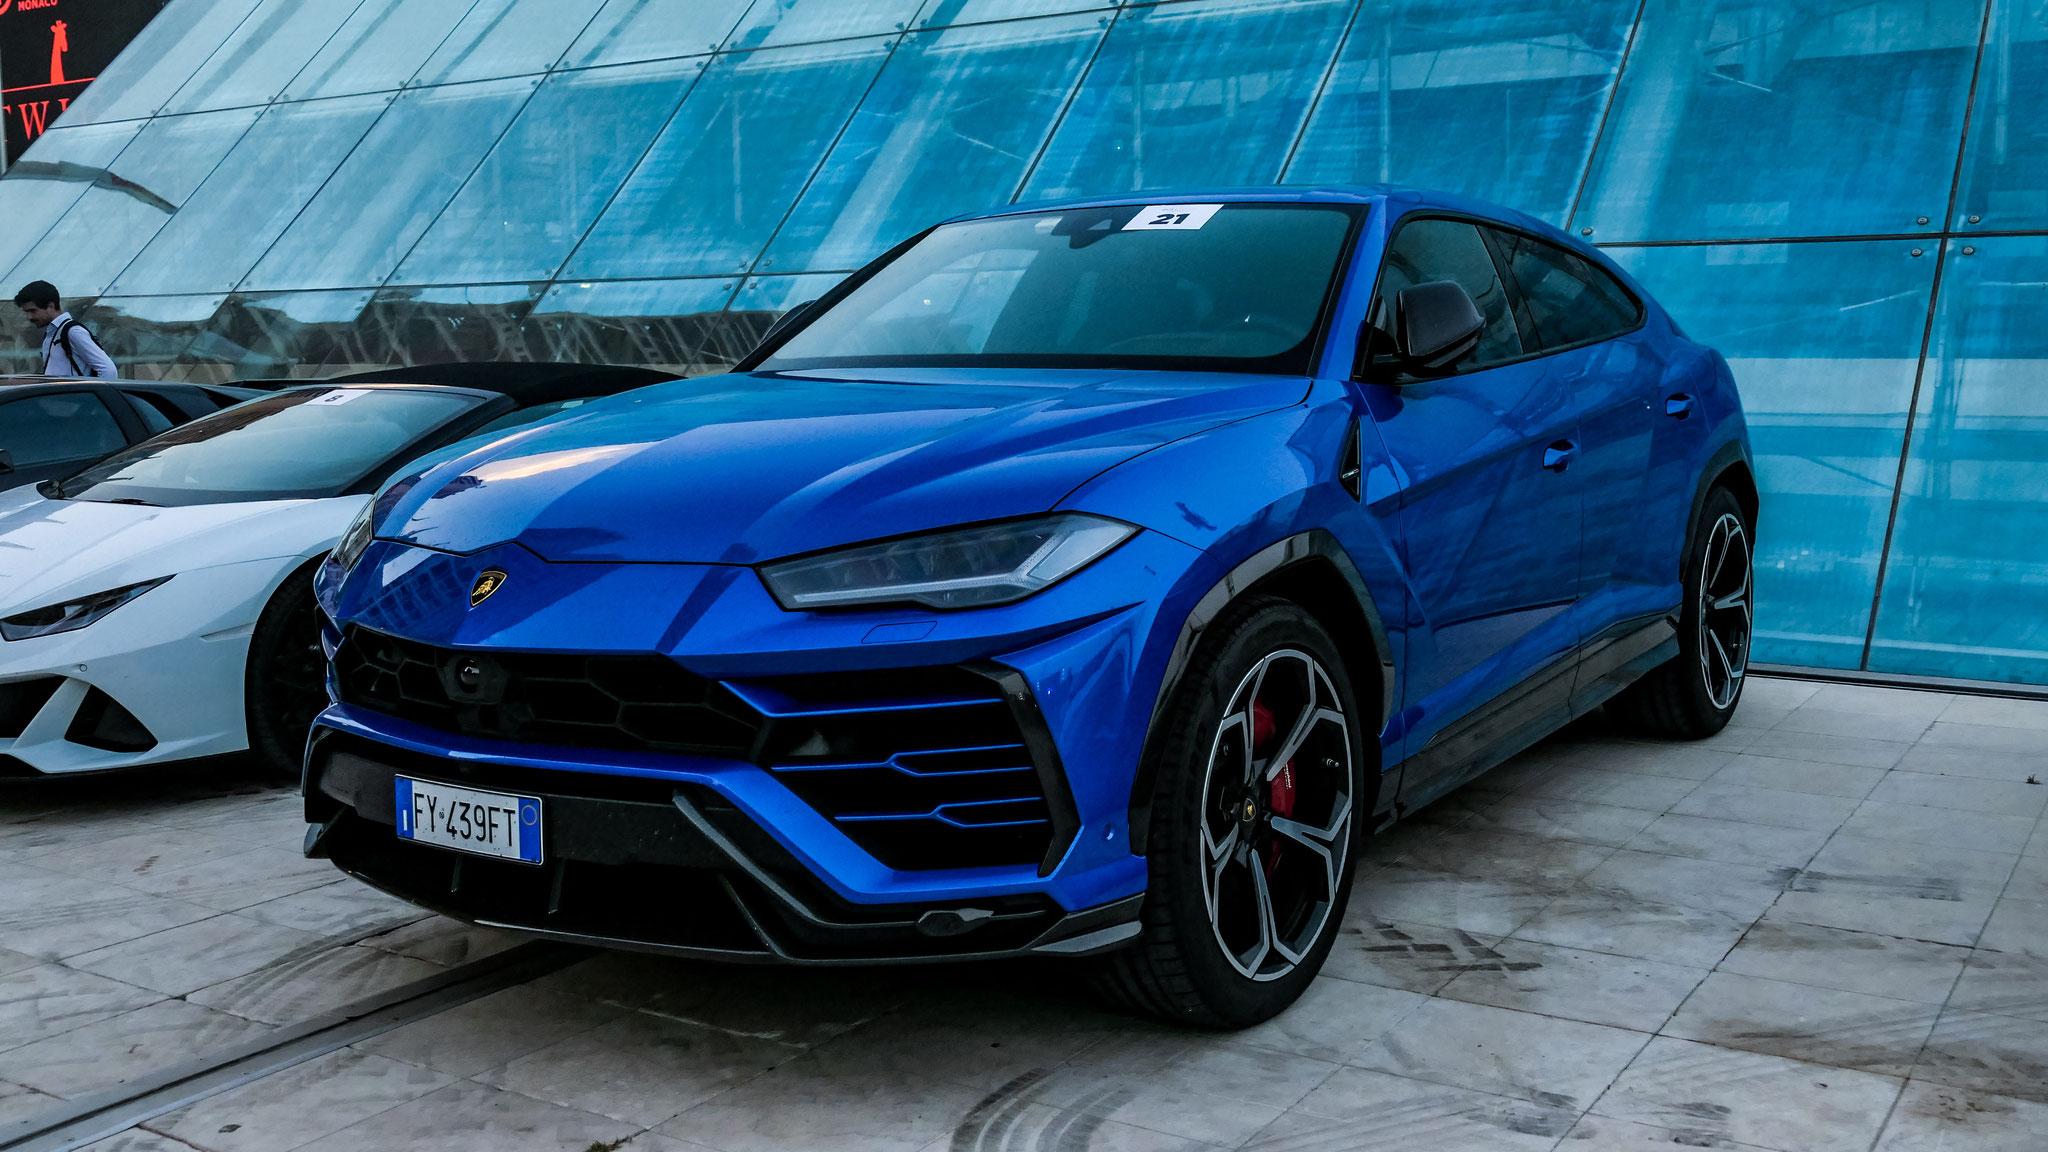 Lamborghini Urus - FY-439-FT (ITA)